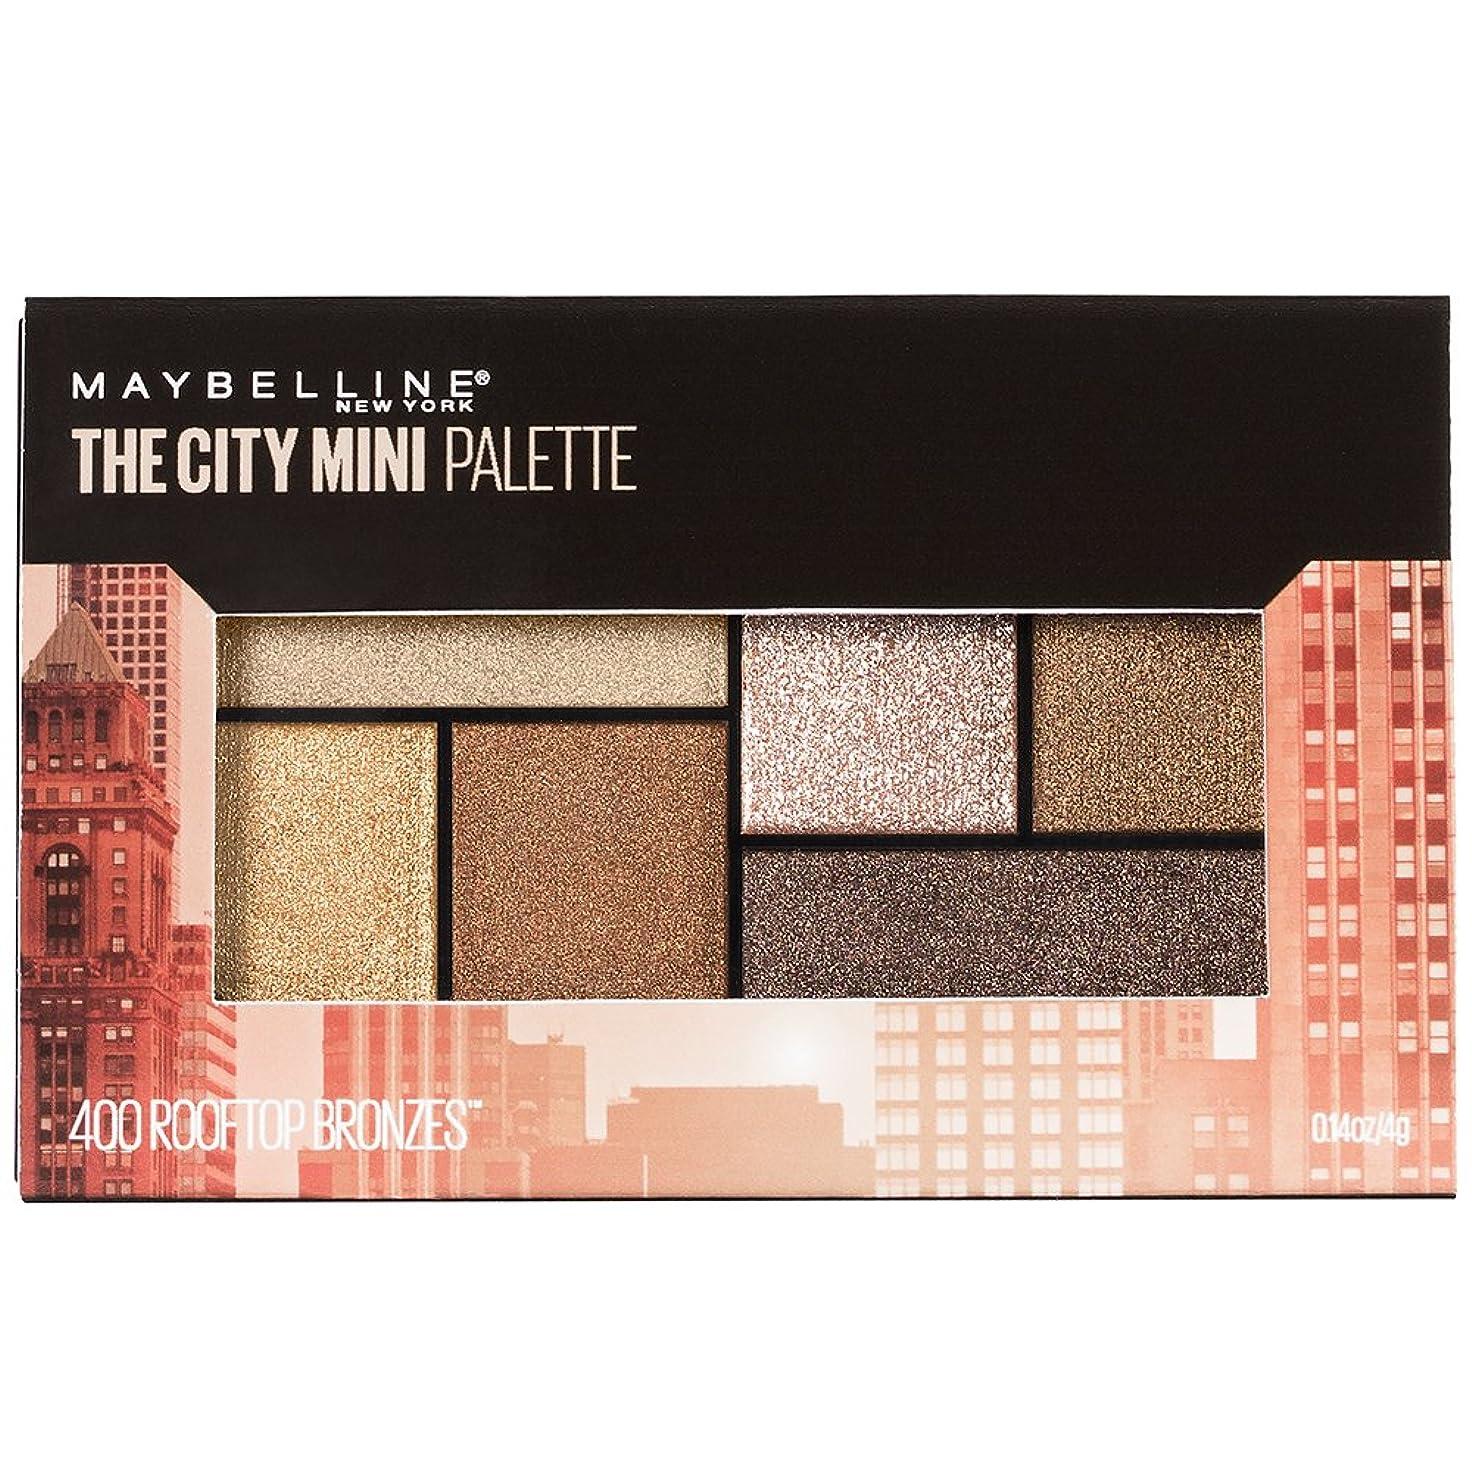 ナンセンス腰きらめくMAYBELLINE The City Mini Palette - Rooftop Bronzes (並行輸入品)